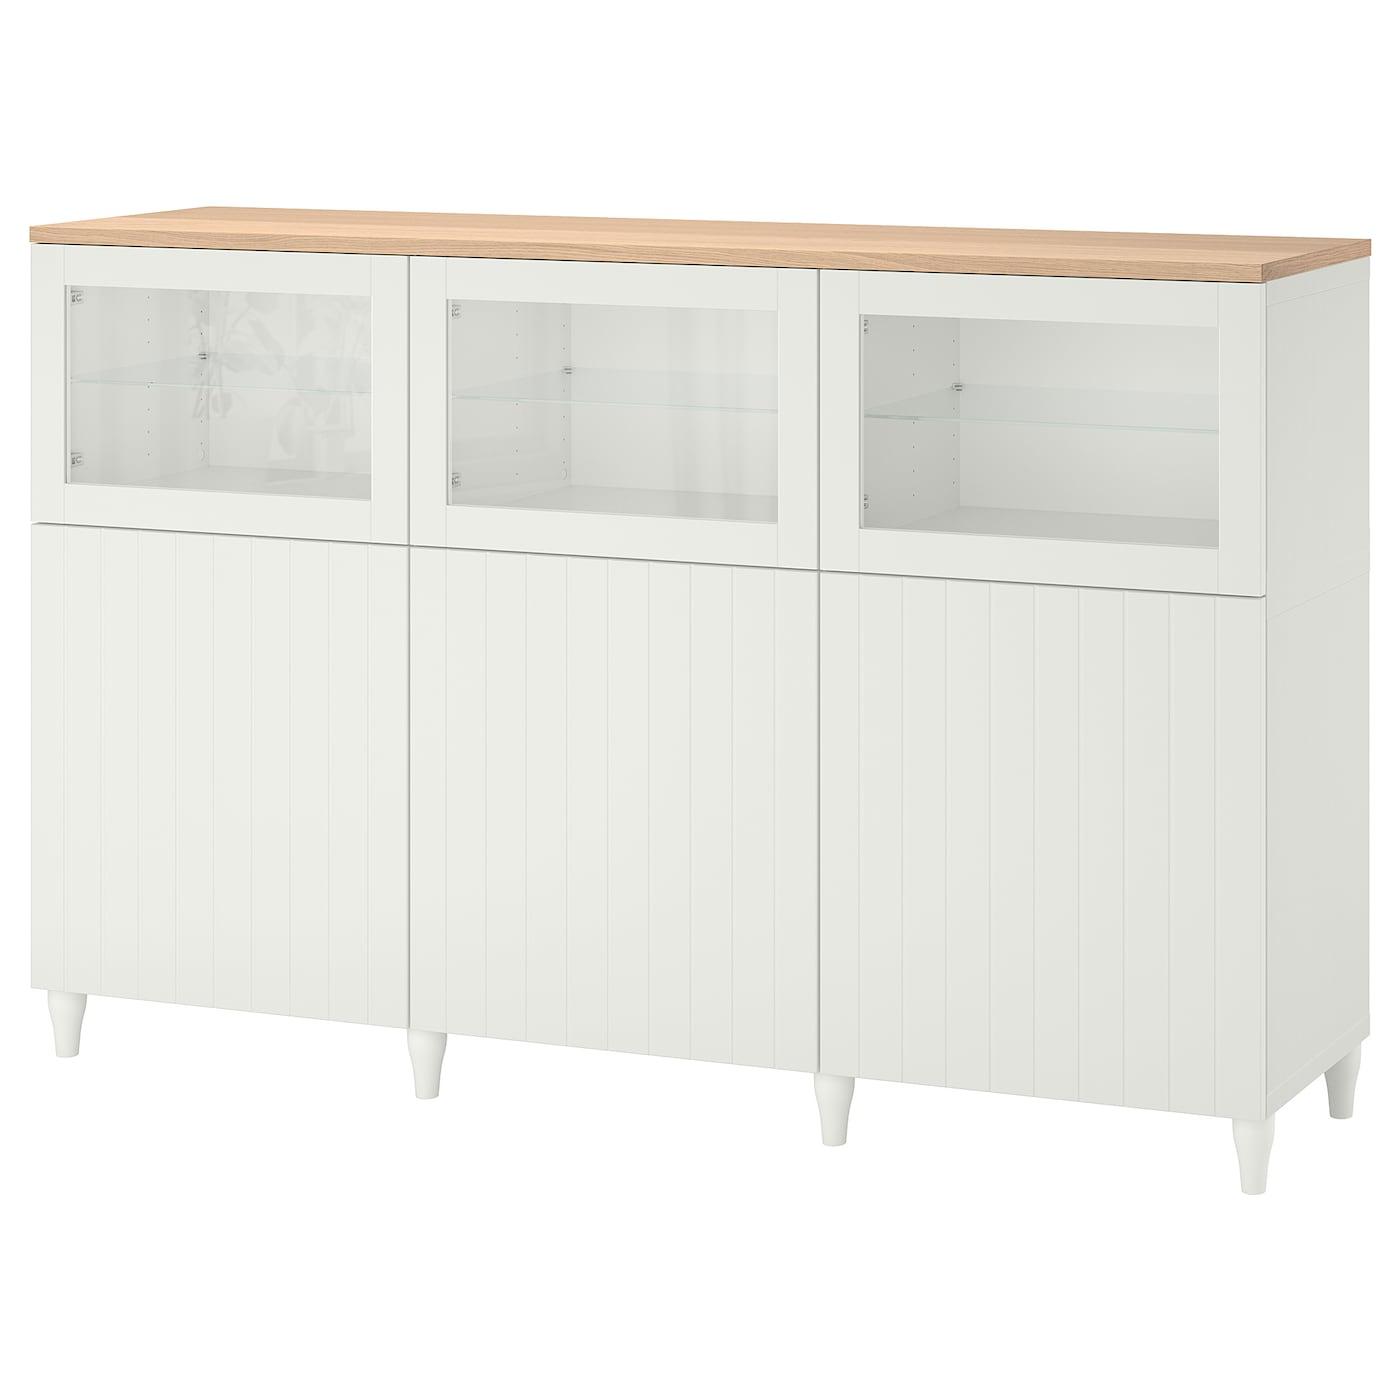 IKEA BESTÅ Aufbewahrung mit türen Weiß/sutterviken/kabbarp klarglas weiß weiß/Sutterviken/Kabbarp Klarglas weiß 180x42x114 cm | Wohnzimmer > Schränke | IKEA